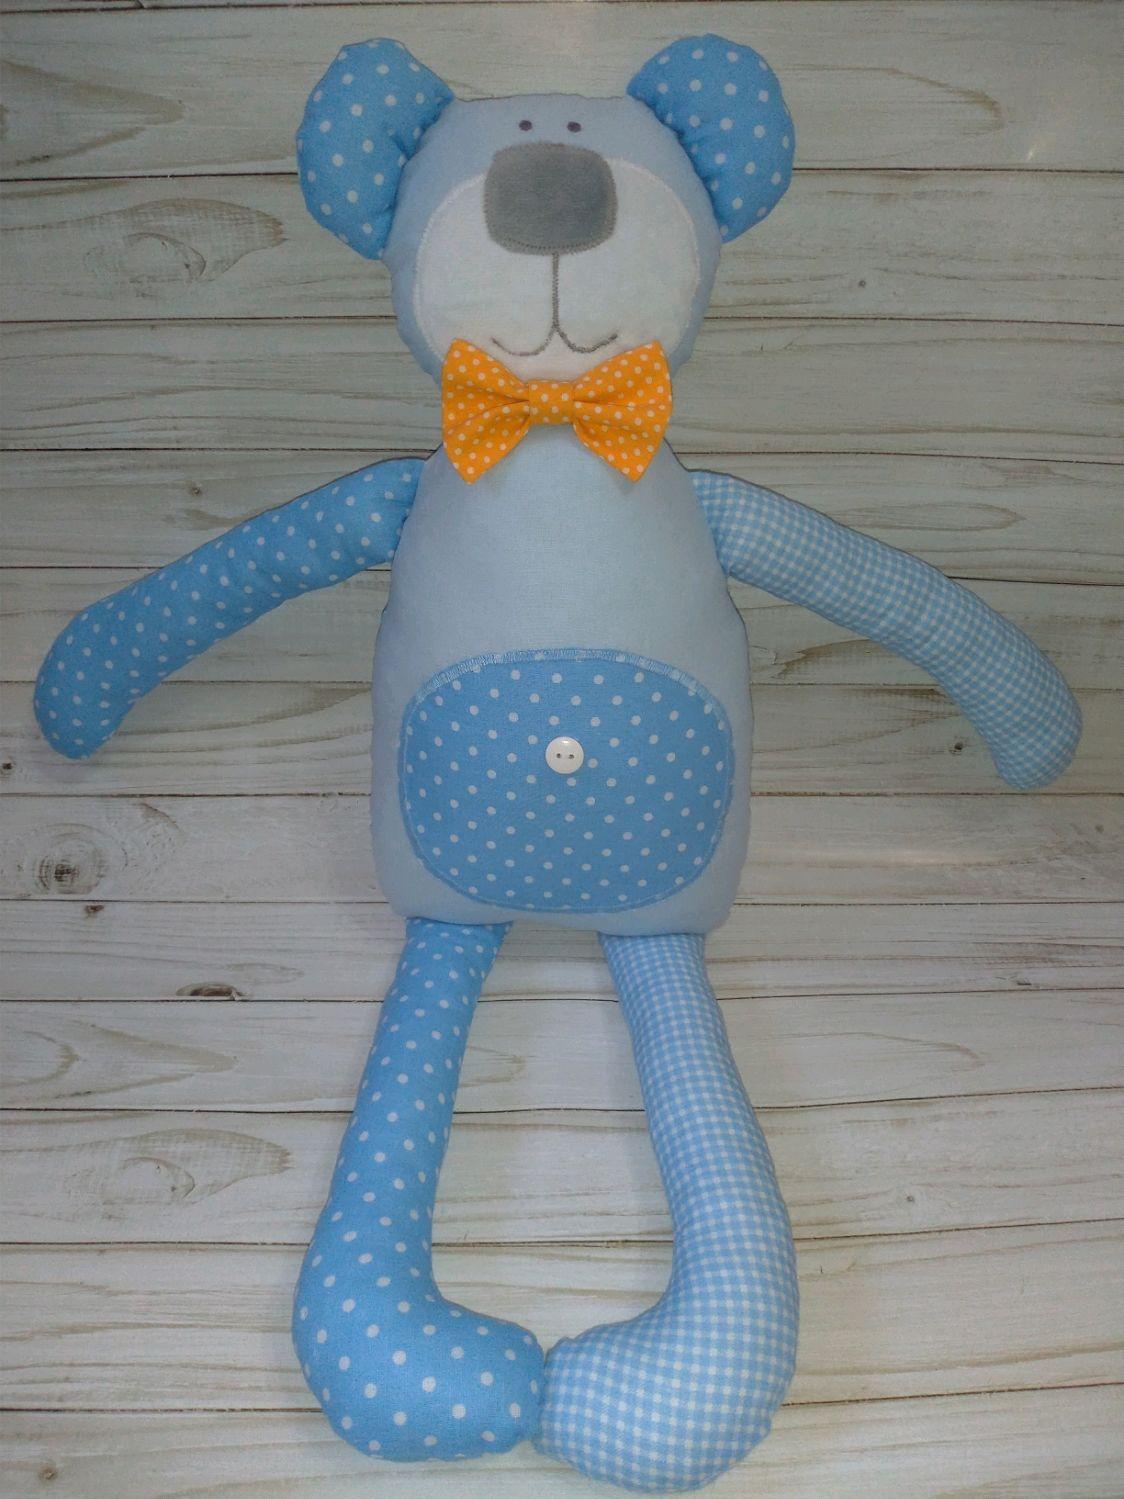 """Мягкая игрушка Медвежонок """"Горошек в голубом"""", Мягкие игрушки, Саянск,  Фото №1"""